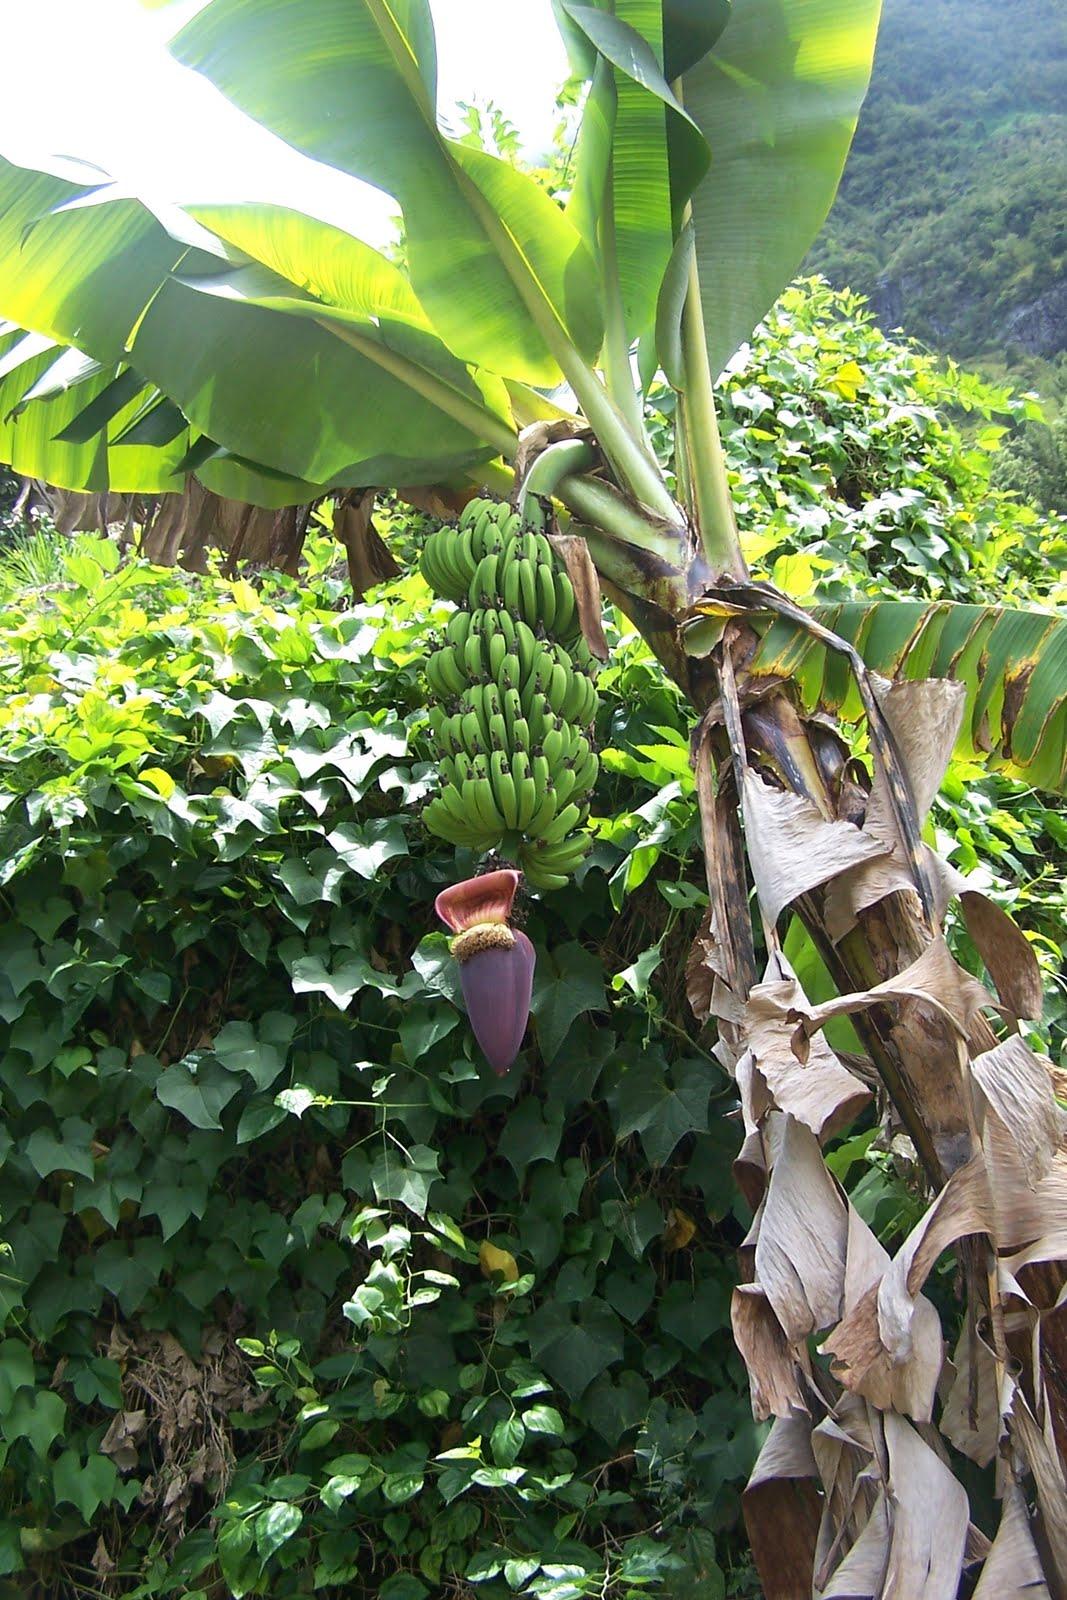 le site bordélique: Photos de plantes à la Réunion